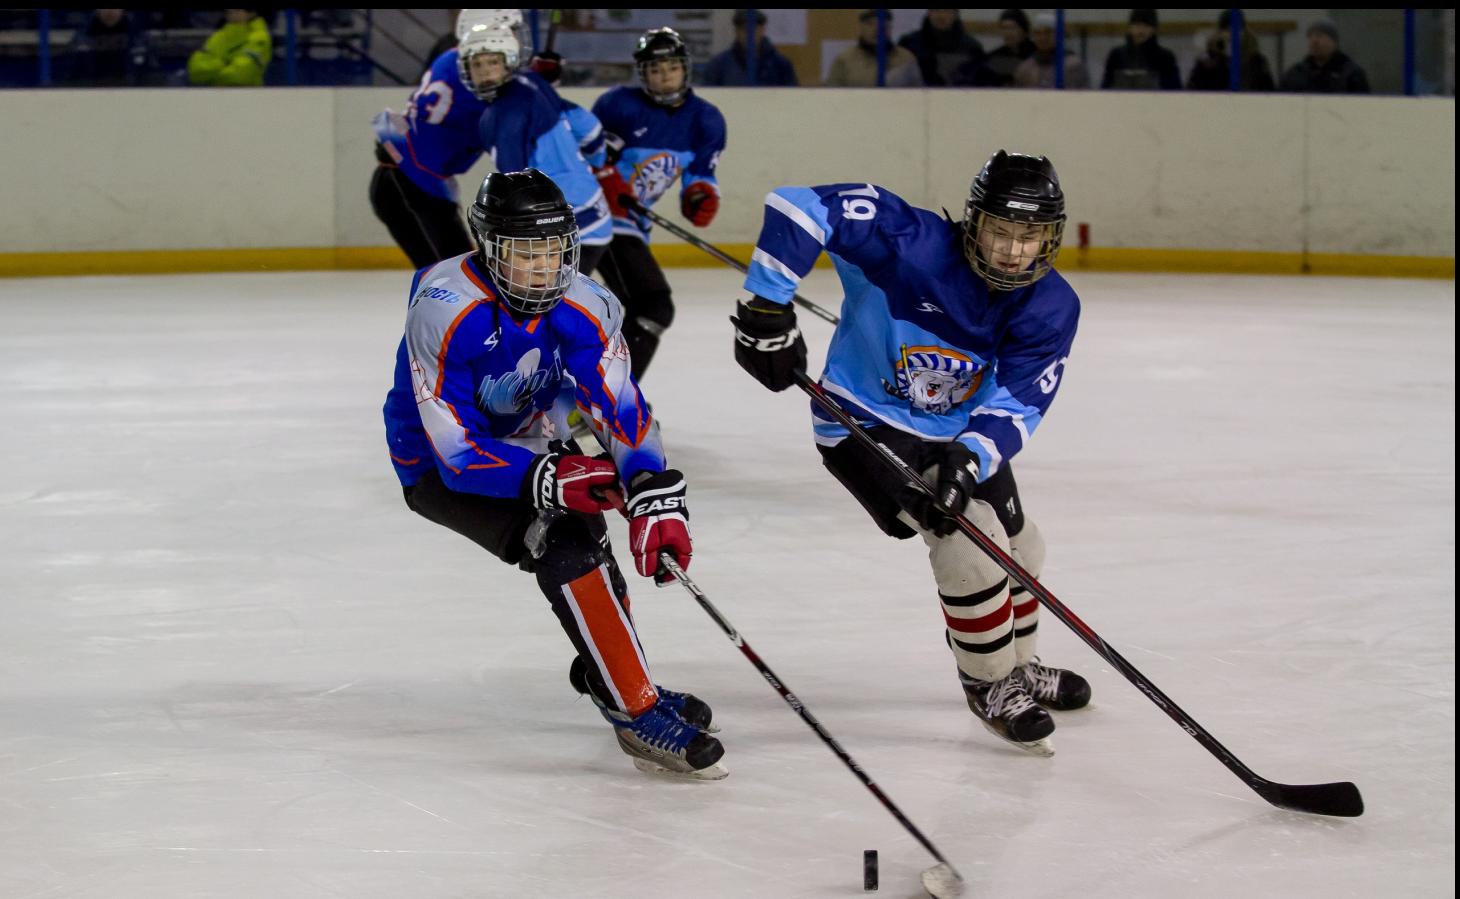 В школах Омска активно ведутся занятия по хоккею